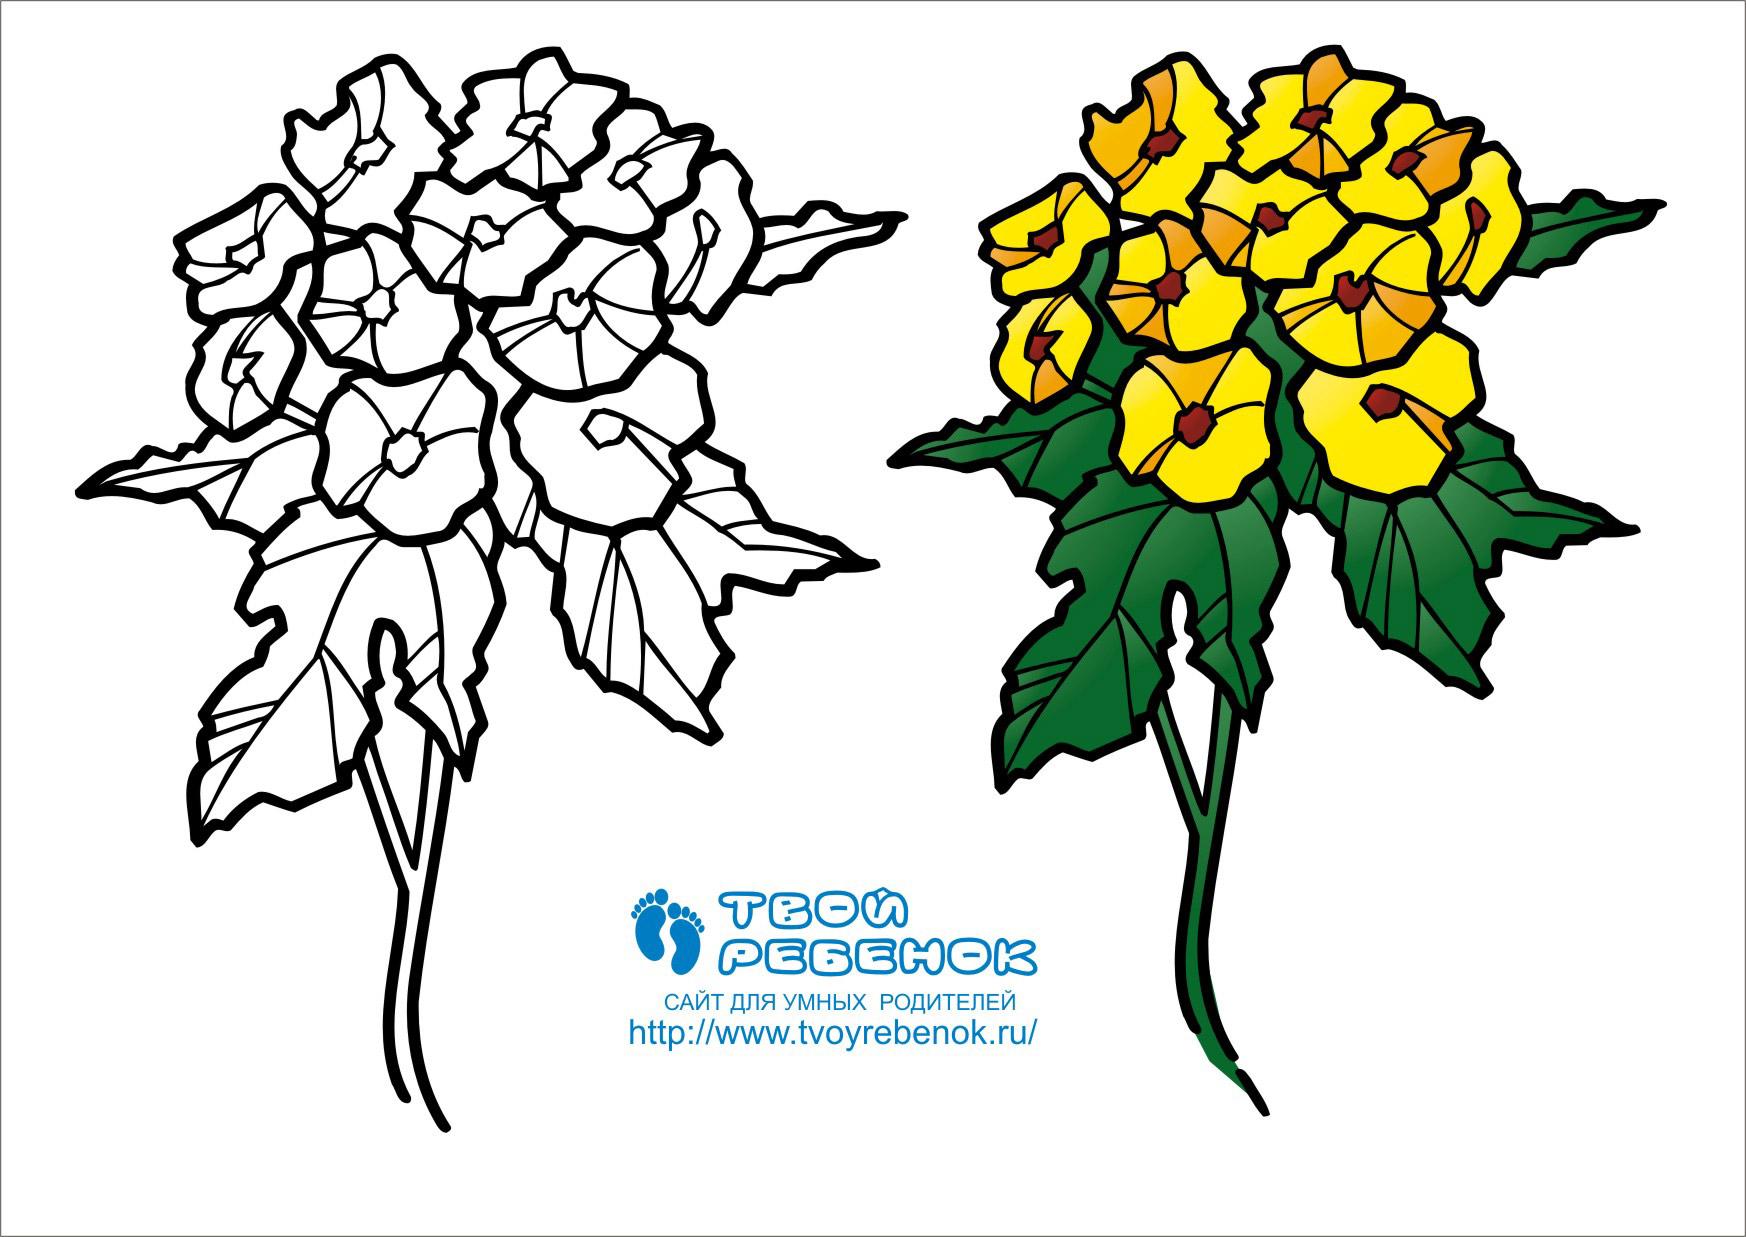 Раскраски цветов для детей в цвете